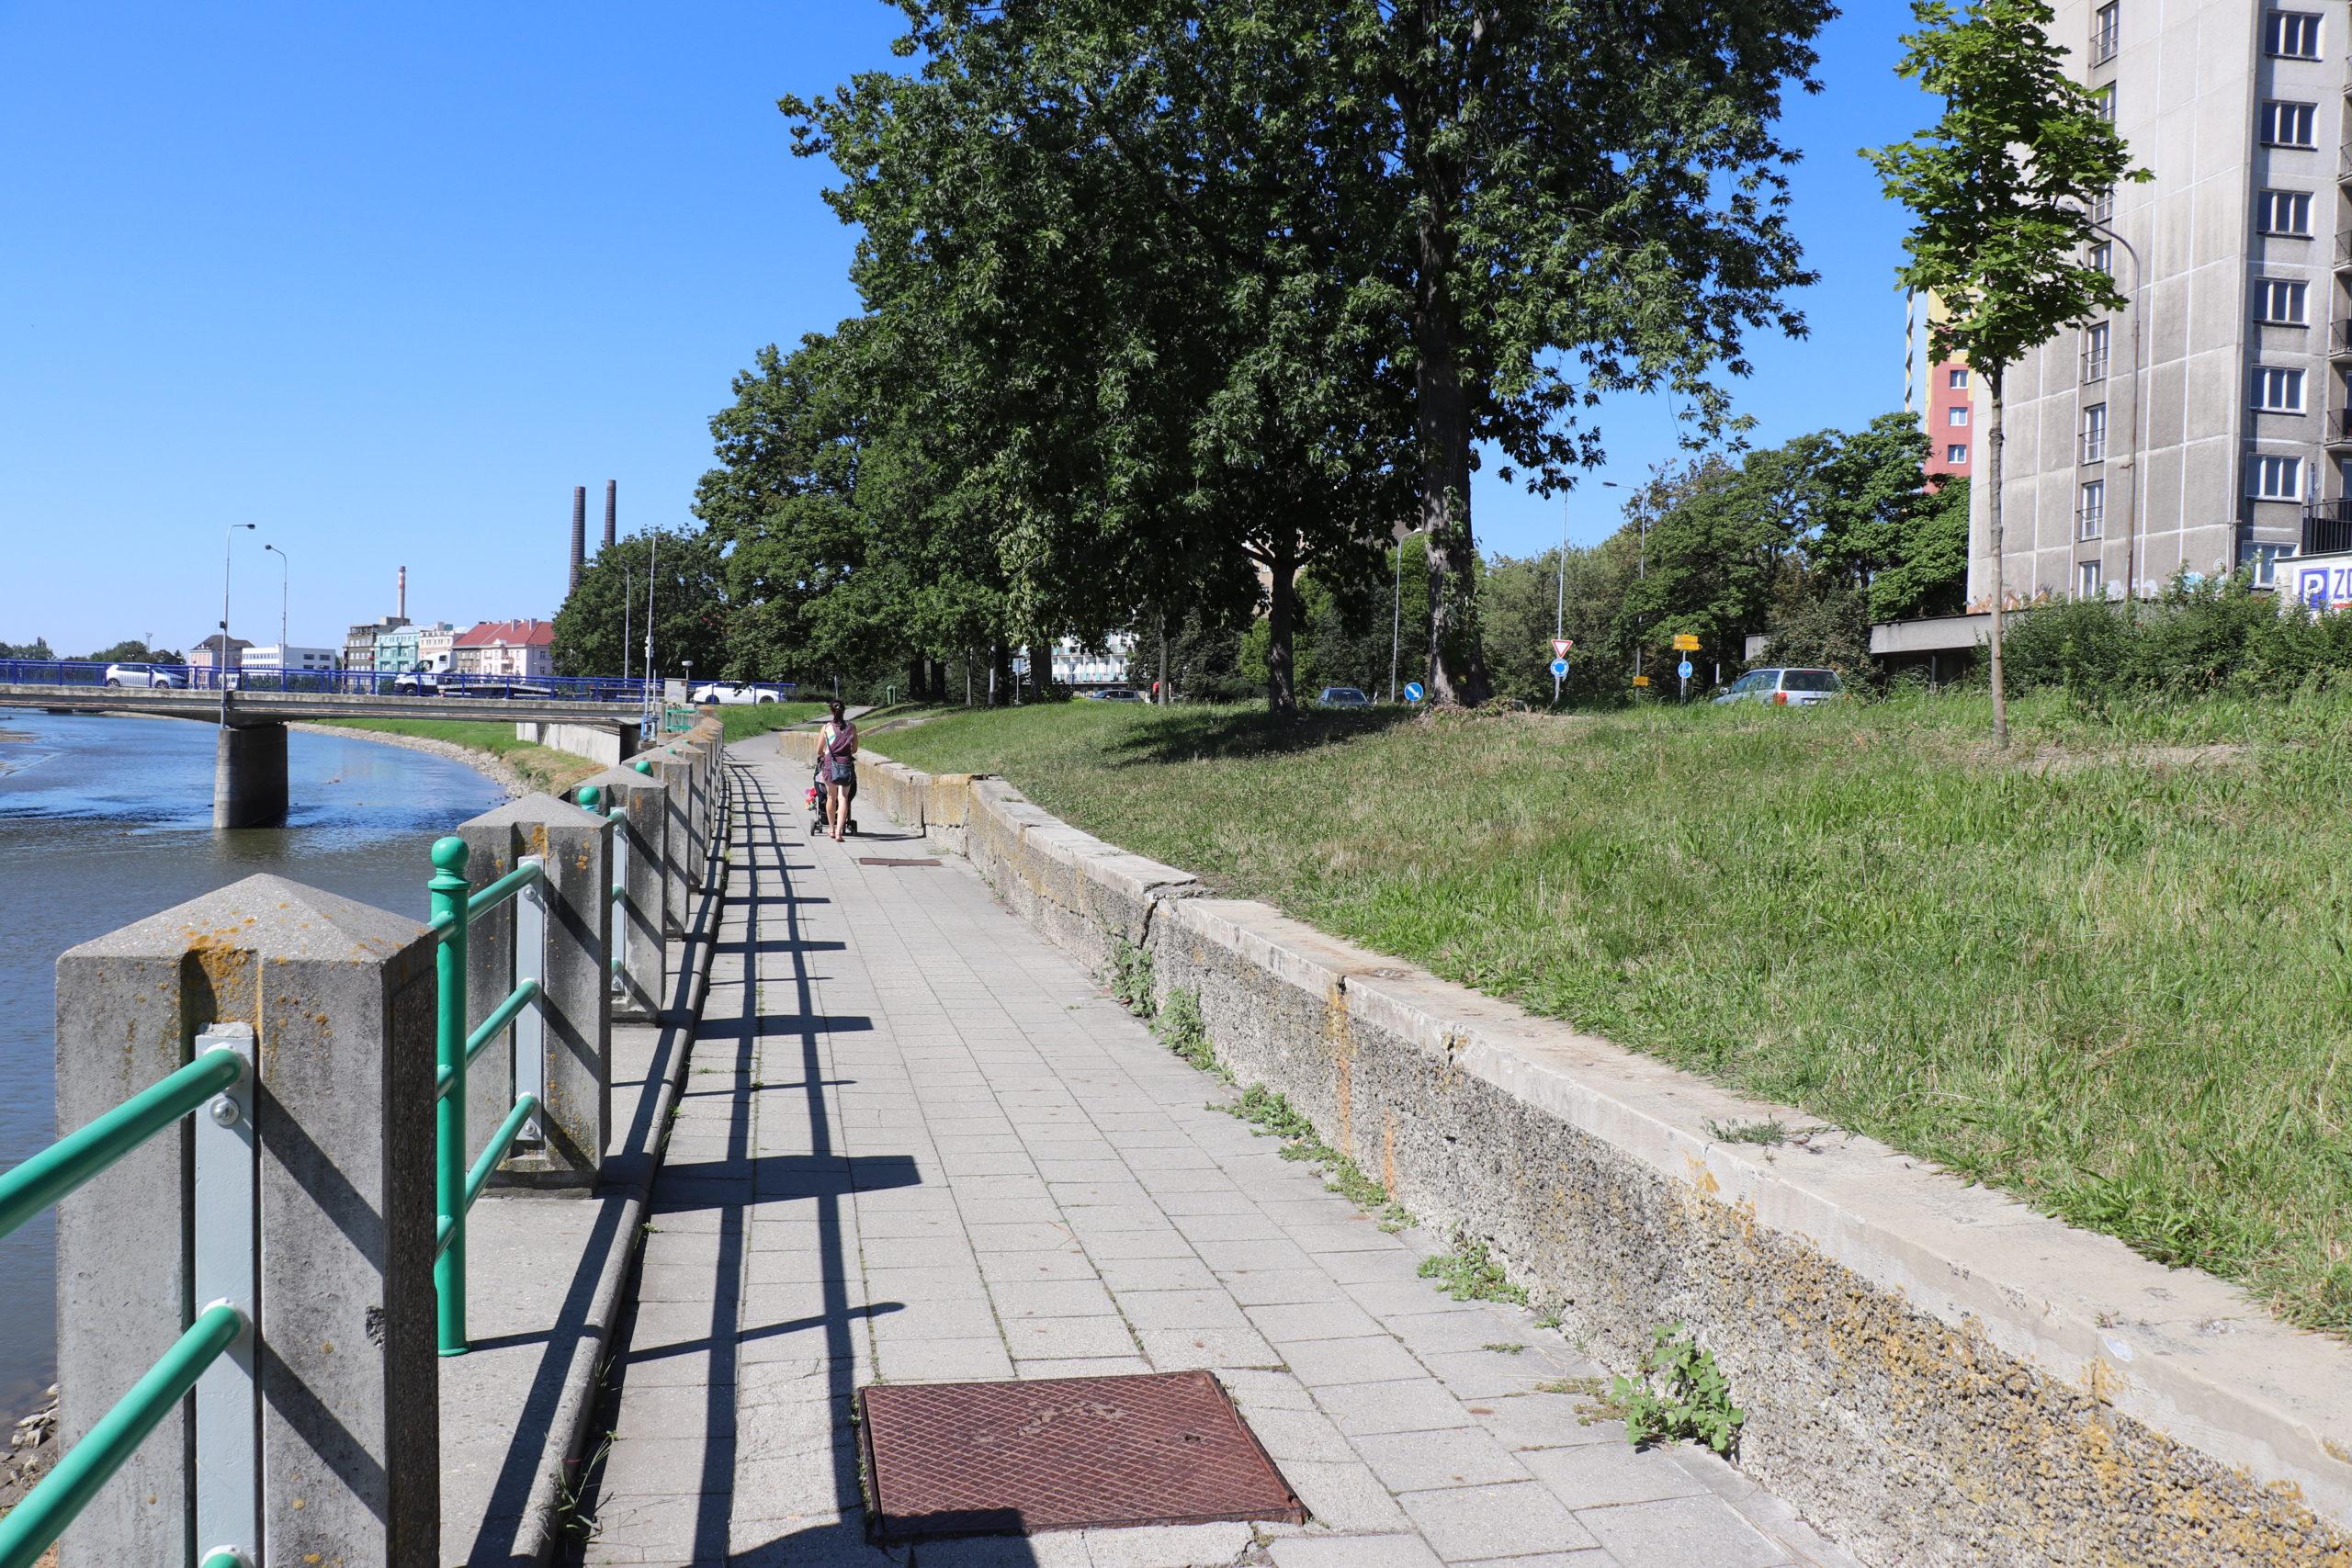 Zídka na nábřeží Bečvy se dočká renovace. Přibudou i nové lavičky